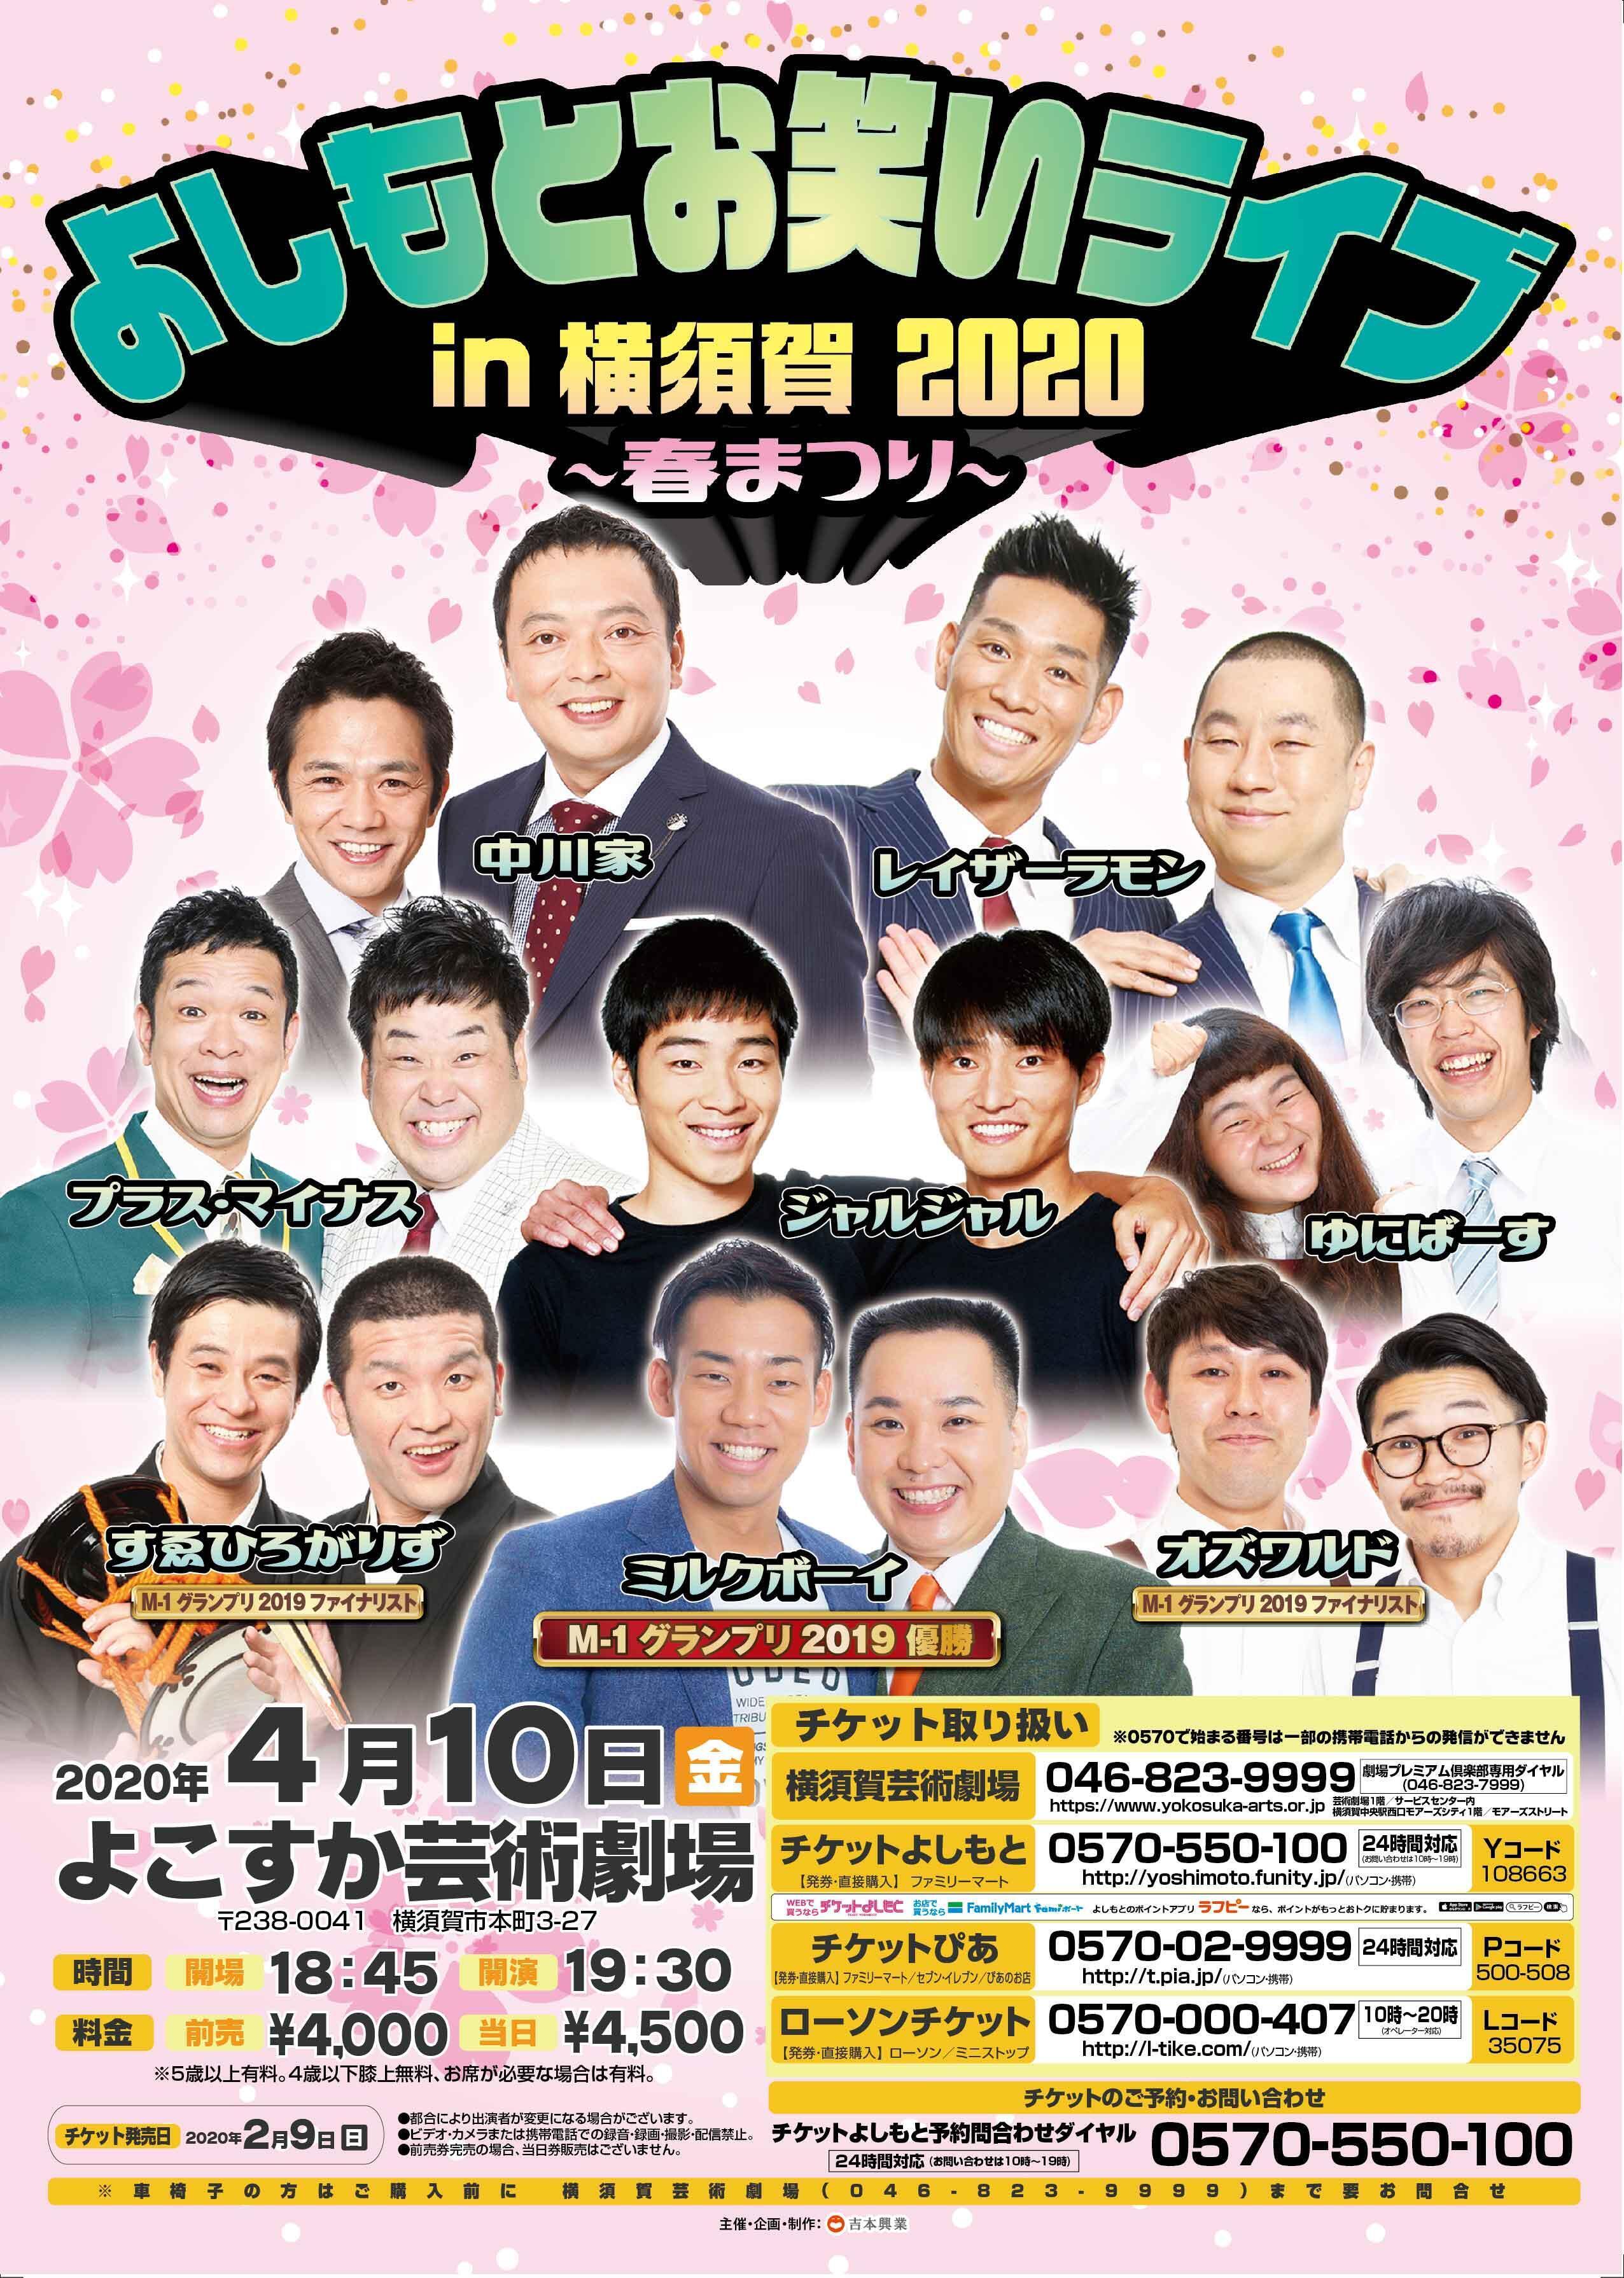 http://www.syumatsu.jp/20200206124927-a11541cf51884ce0147fe73dc88619efaf03b41b.jpg